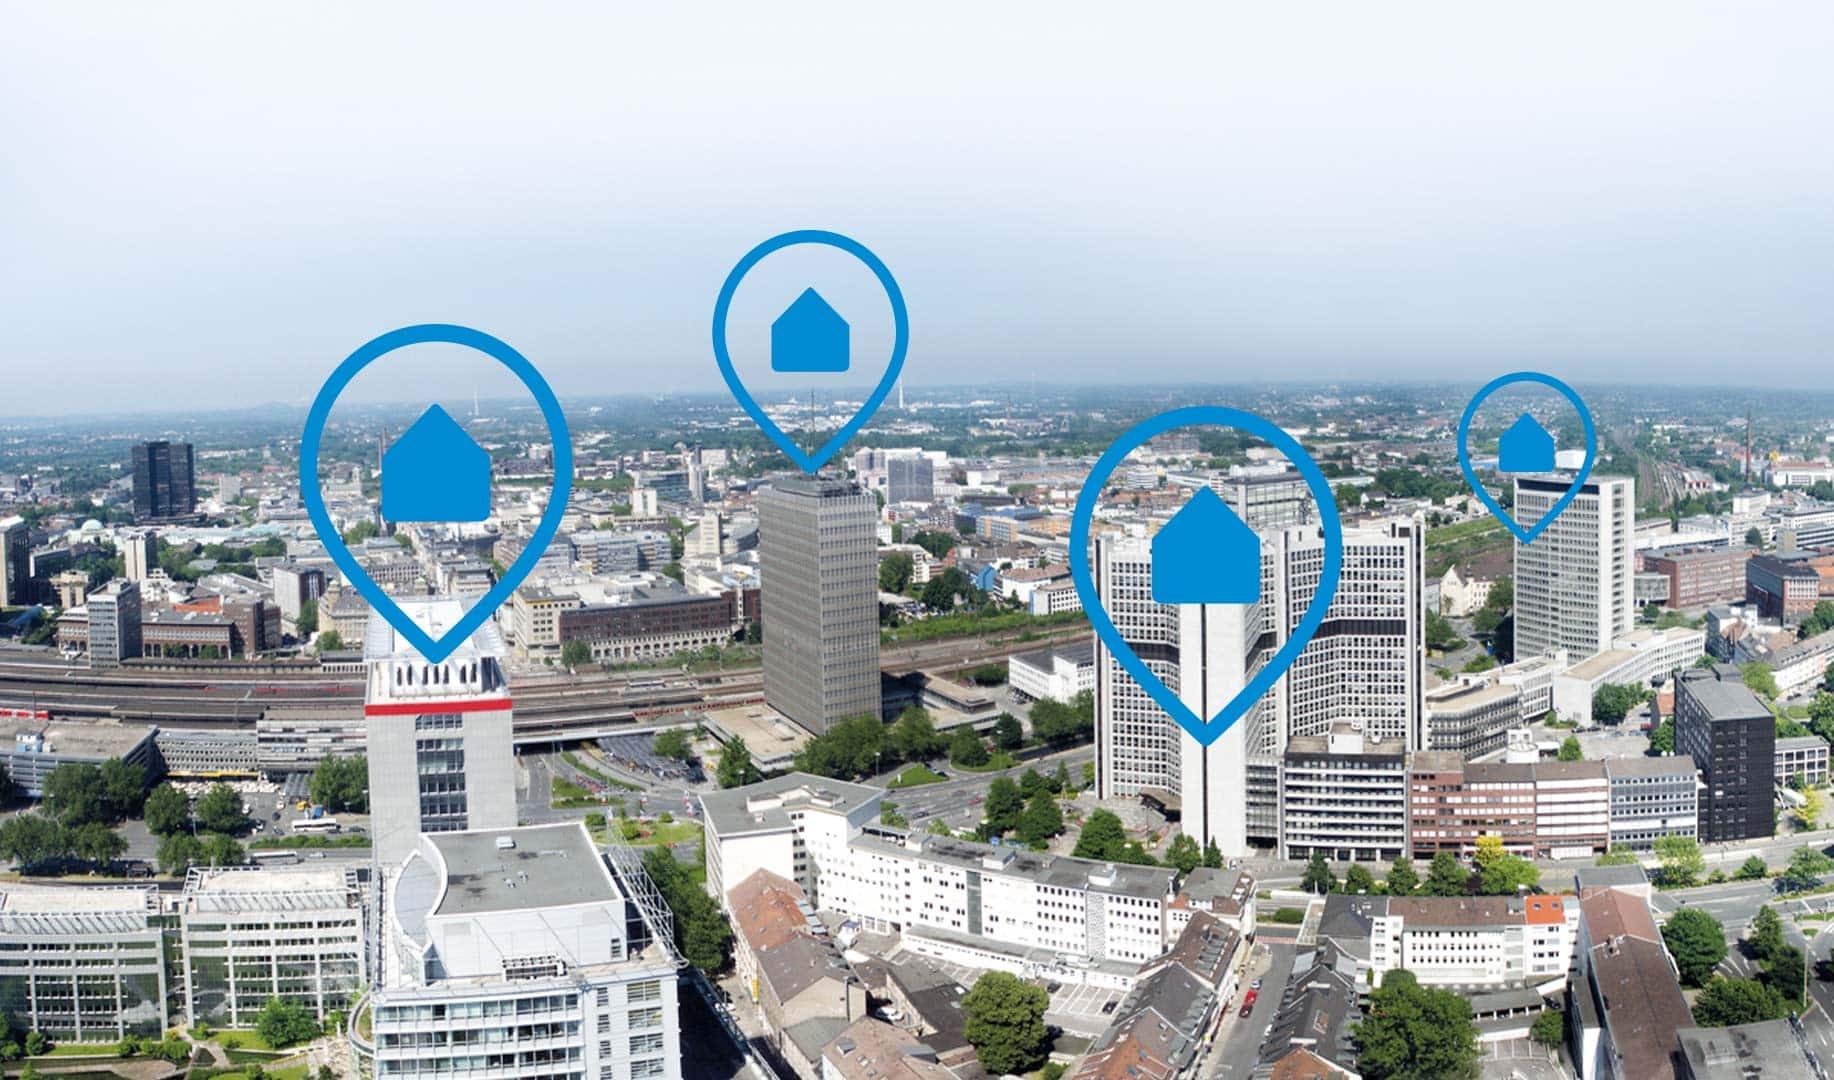 Stadt mit Standortmarkern